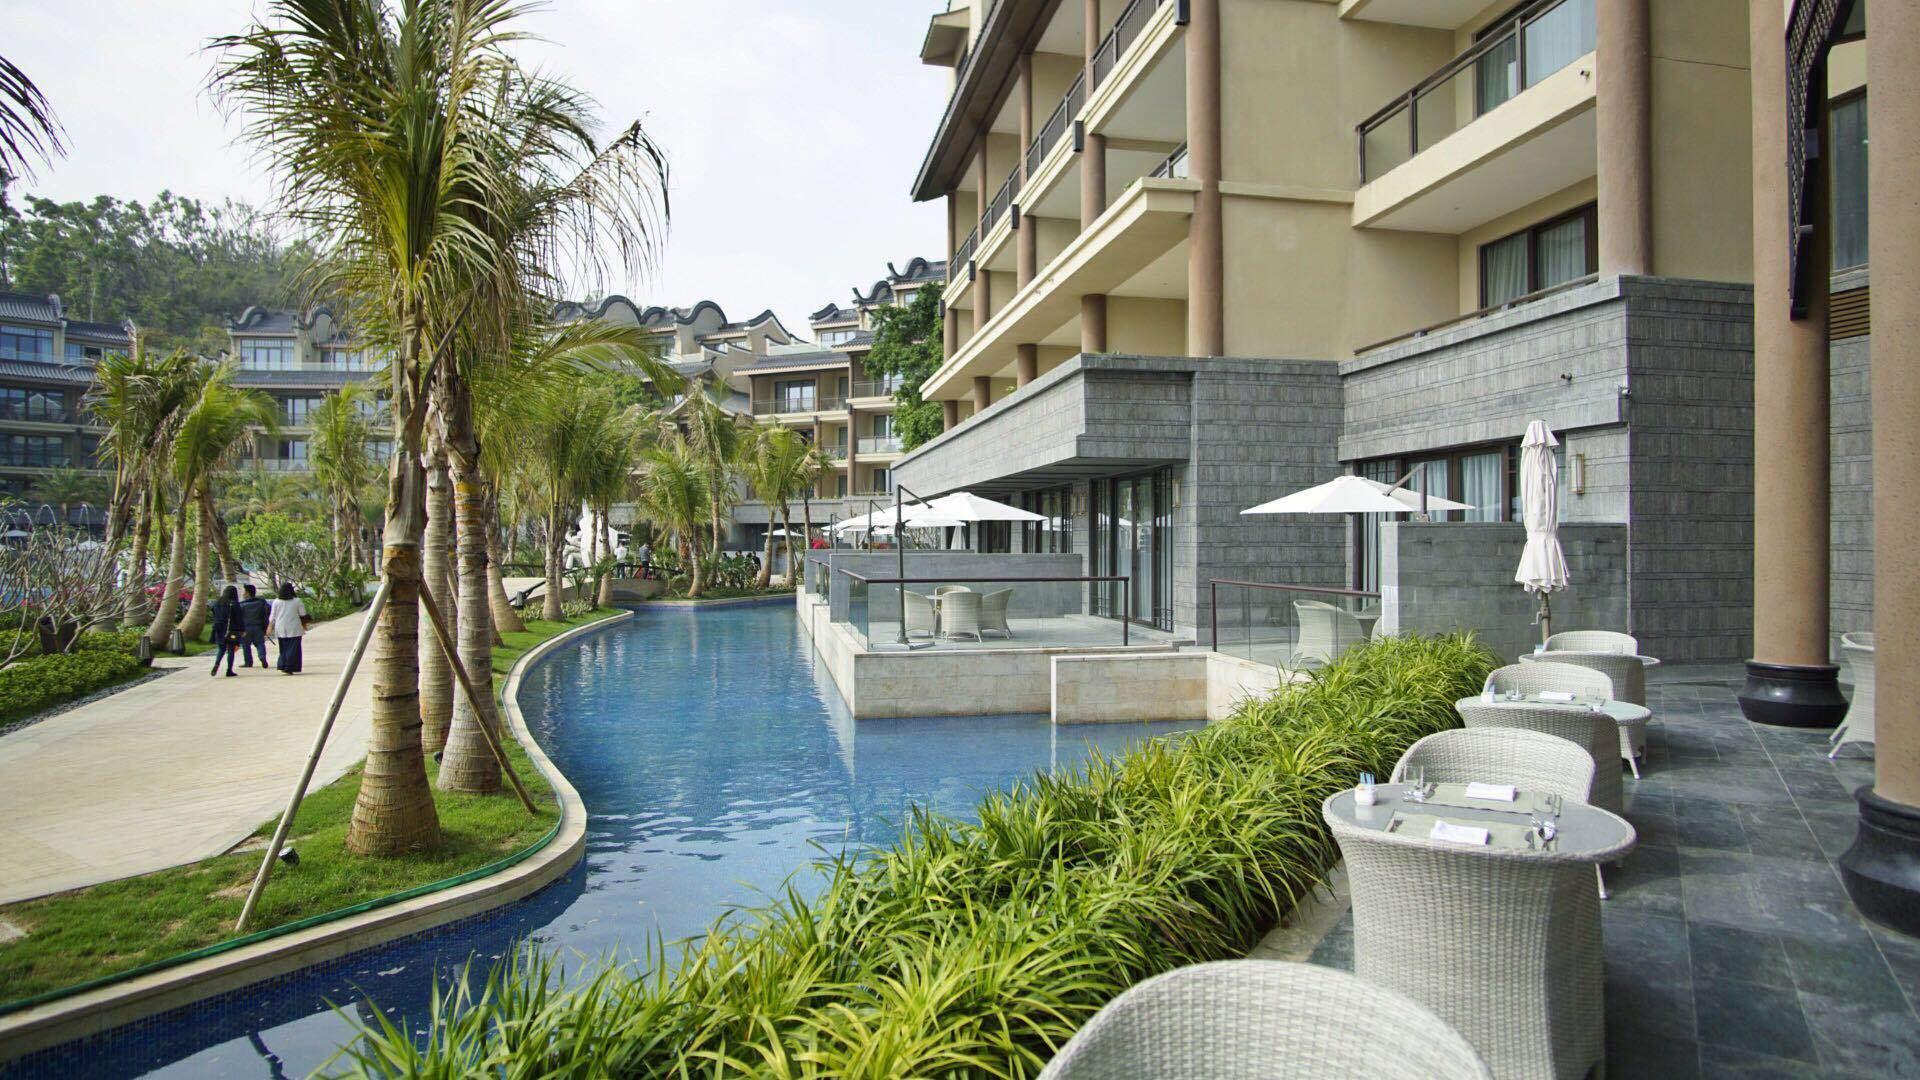 珠海凤凰湾悦椿酒店3月26日开业  正式接受宾客预订